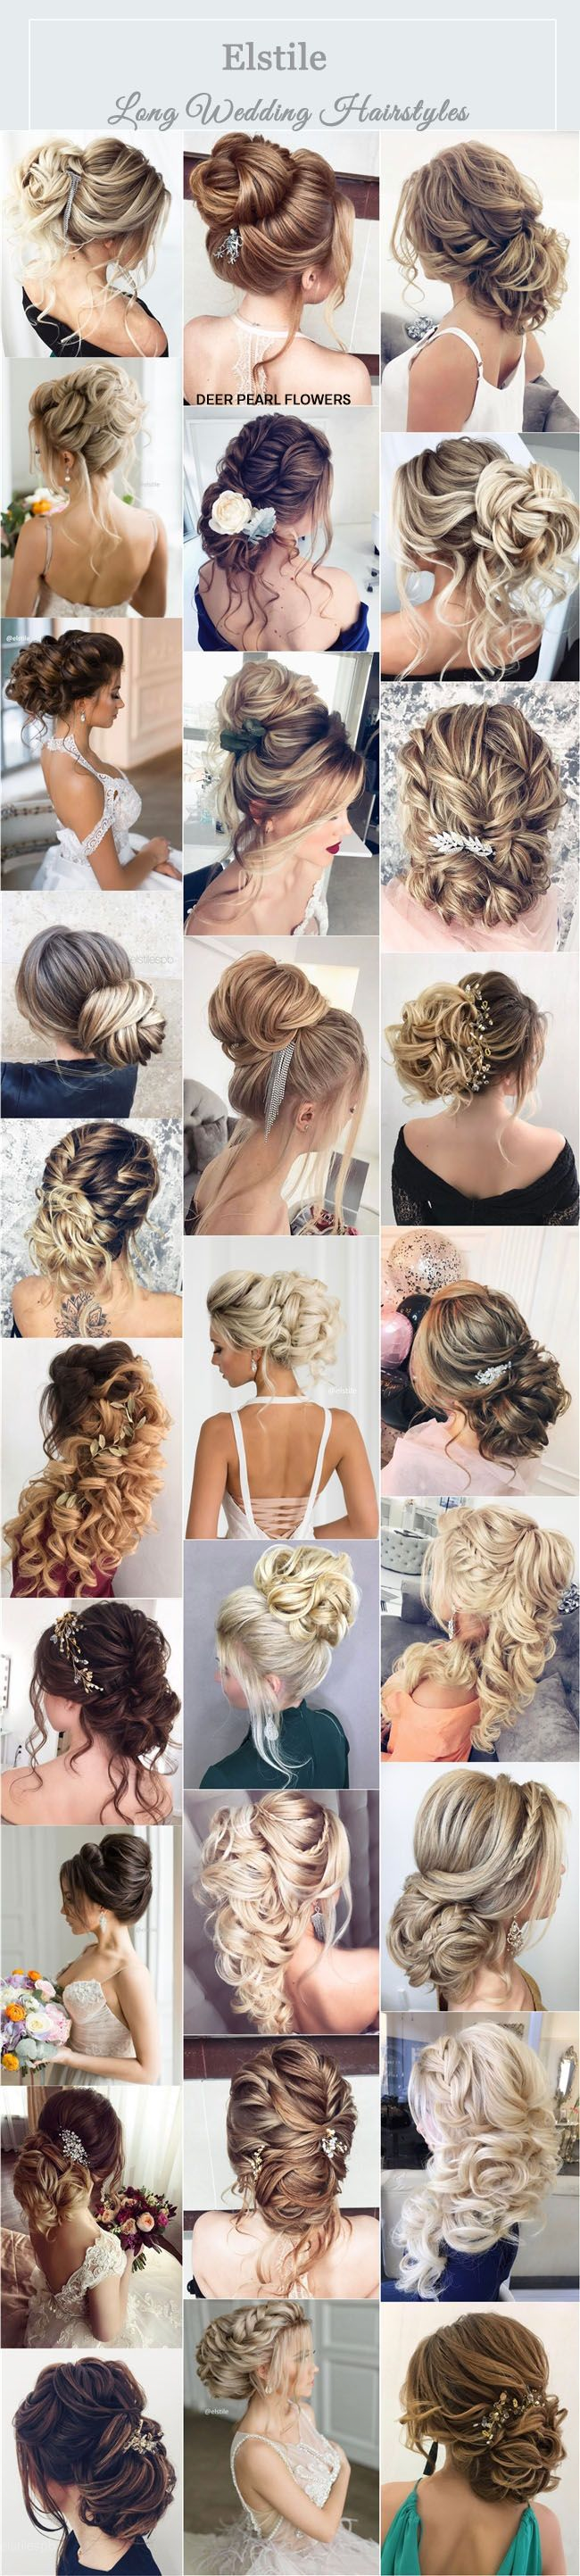 Elstile Wedding Hairstyles & Updos for Long Hair / www.deerpearlflow...